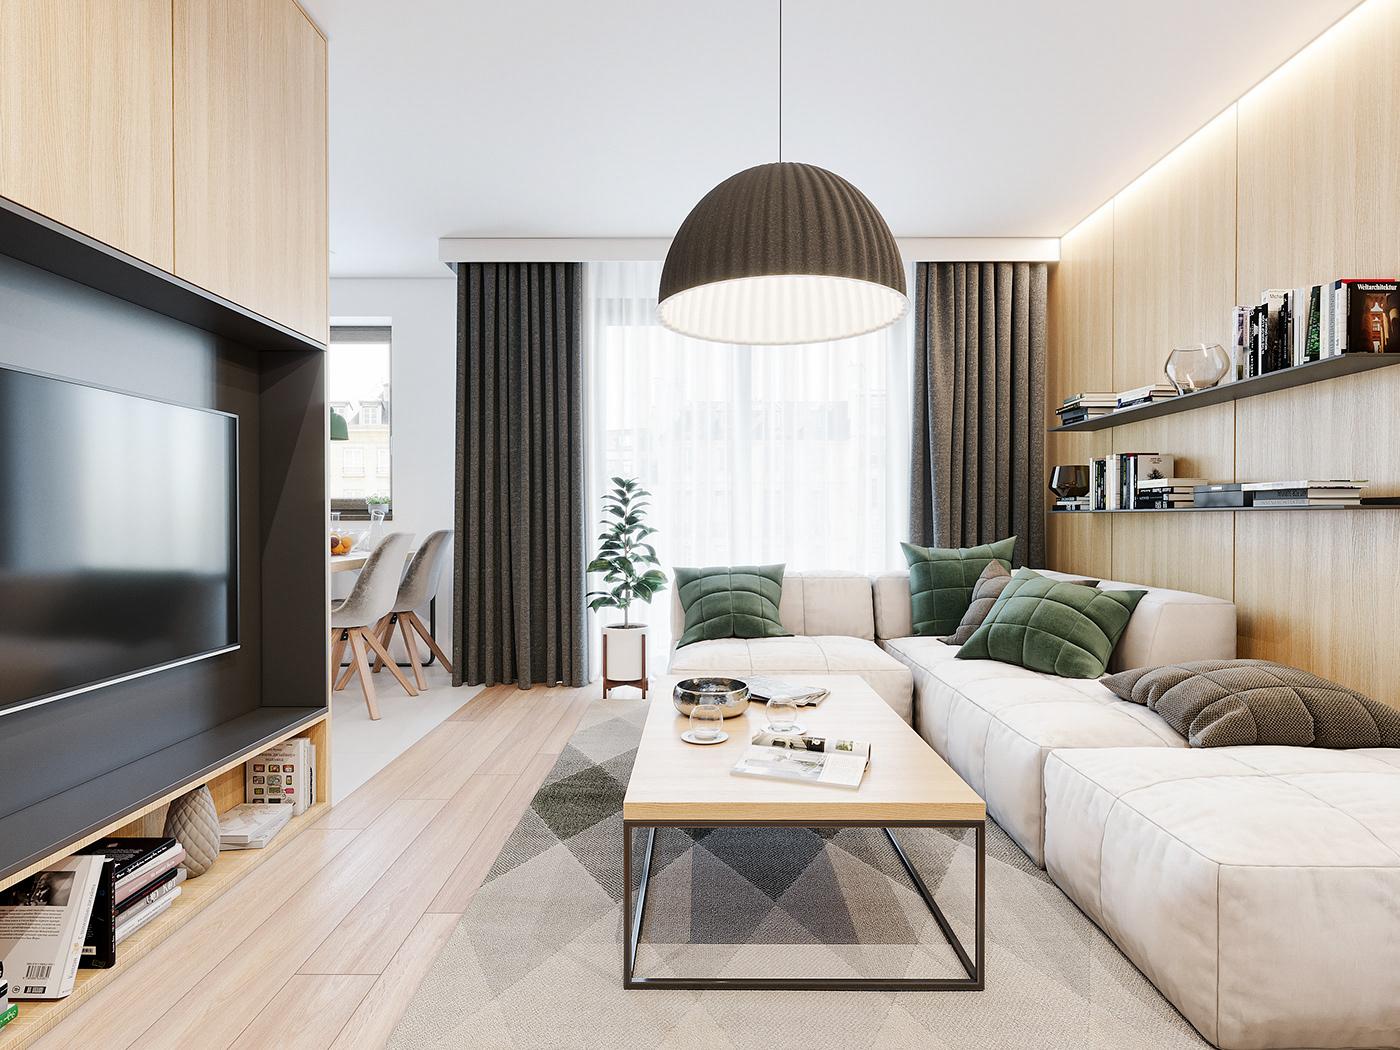 Tư vấn thiết kế căn hộ 90m² theo phong cách Scandinavian cho gia đình 3 người, chi phí 200 triệu - Ảnh 4.